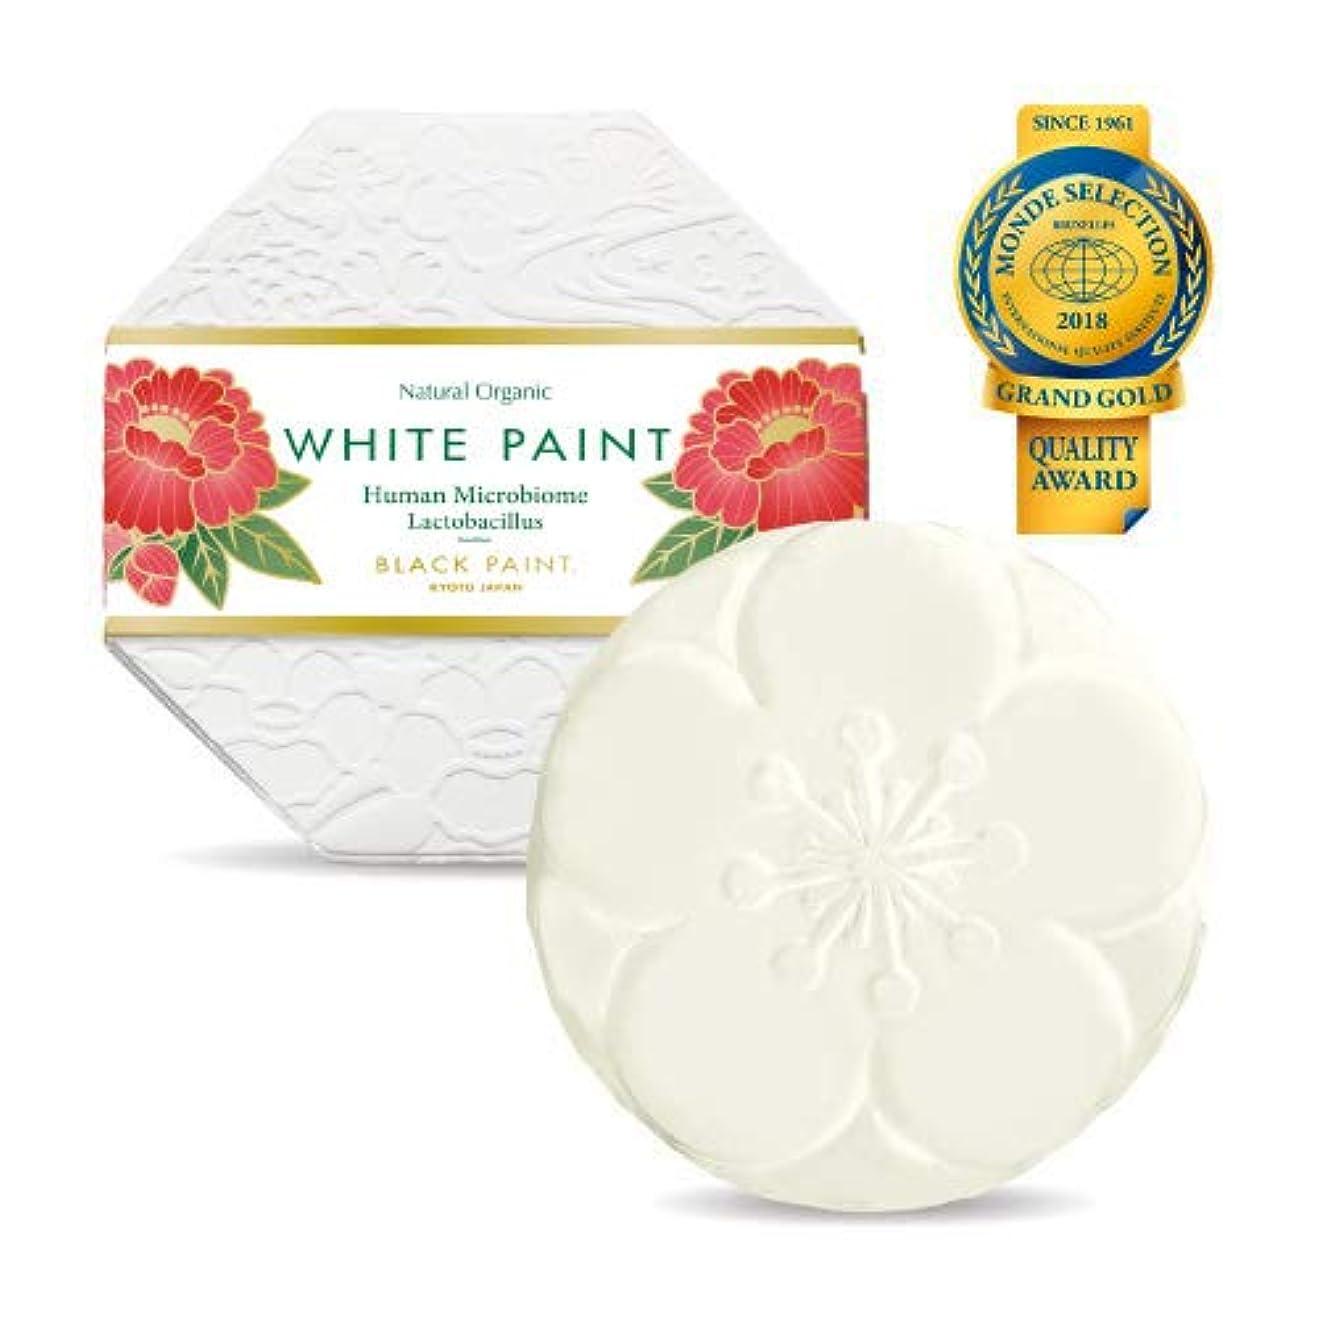 電気記念品姉妹プレミアム ホワイトペイント 120g 塗る洗顔 石鹸 無添加 国産 …